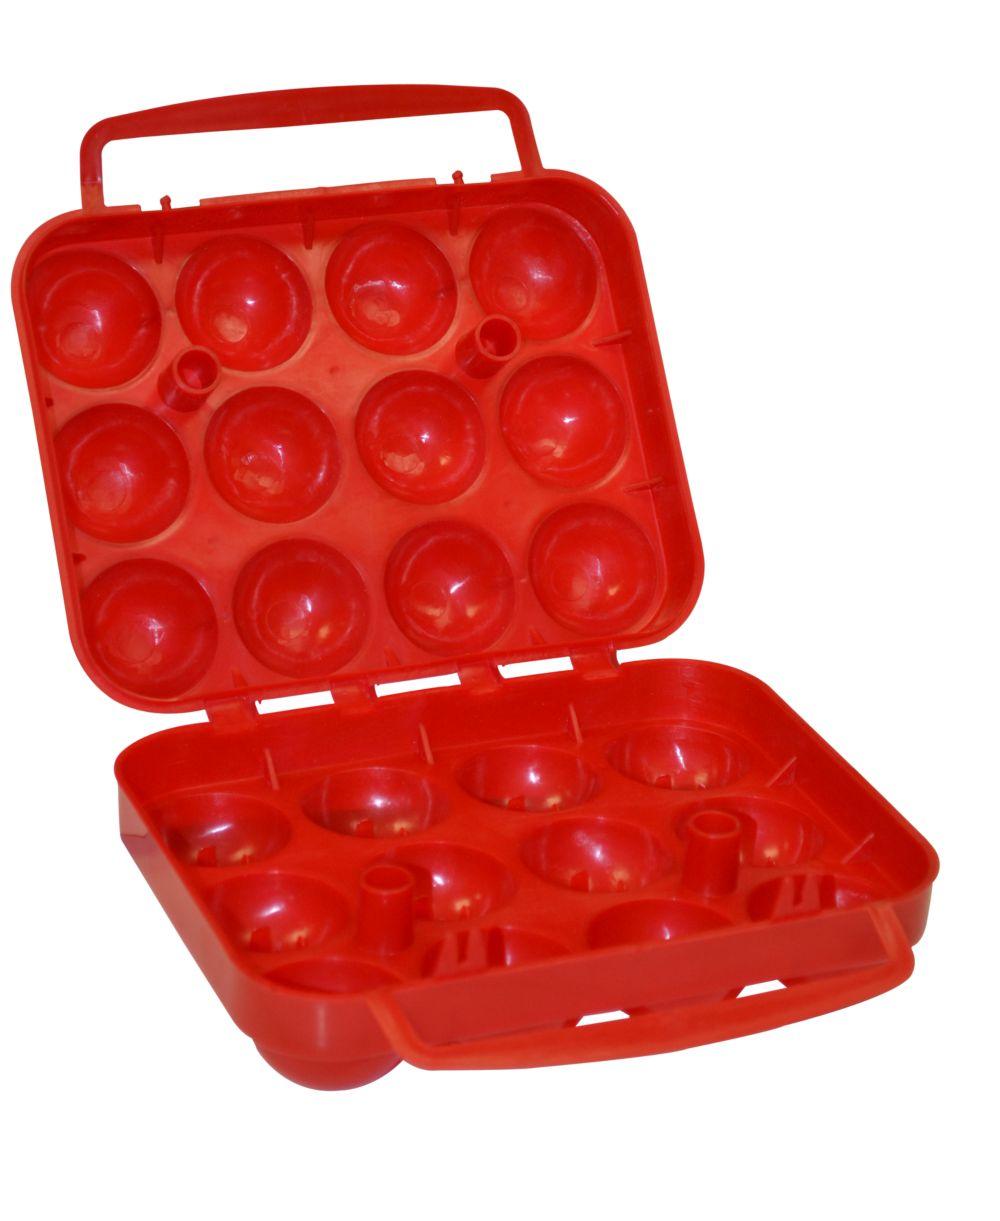 Contenant de camping pour 12 œufs